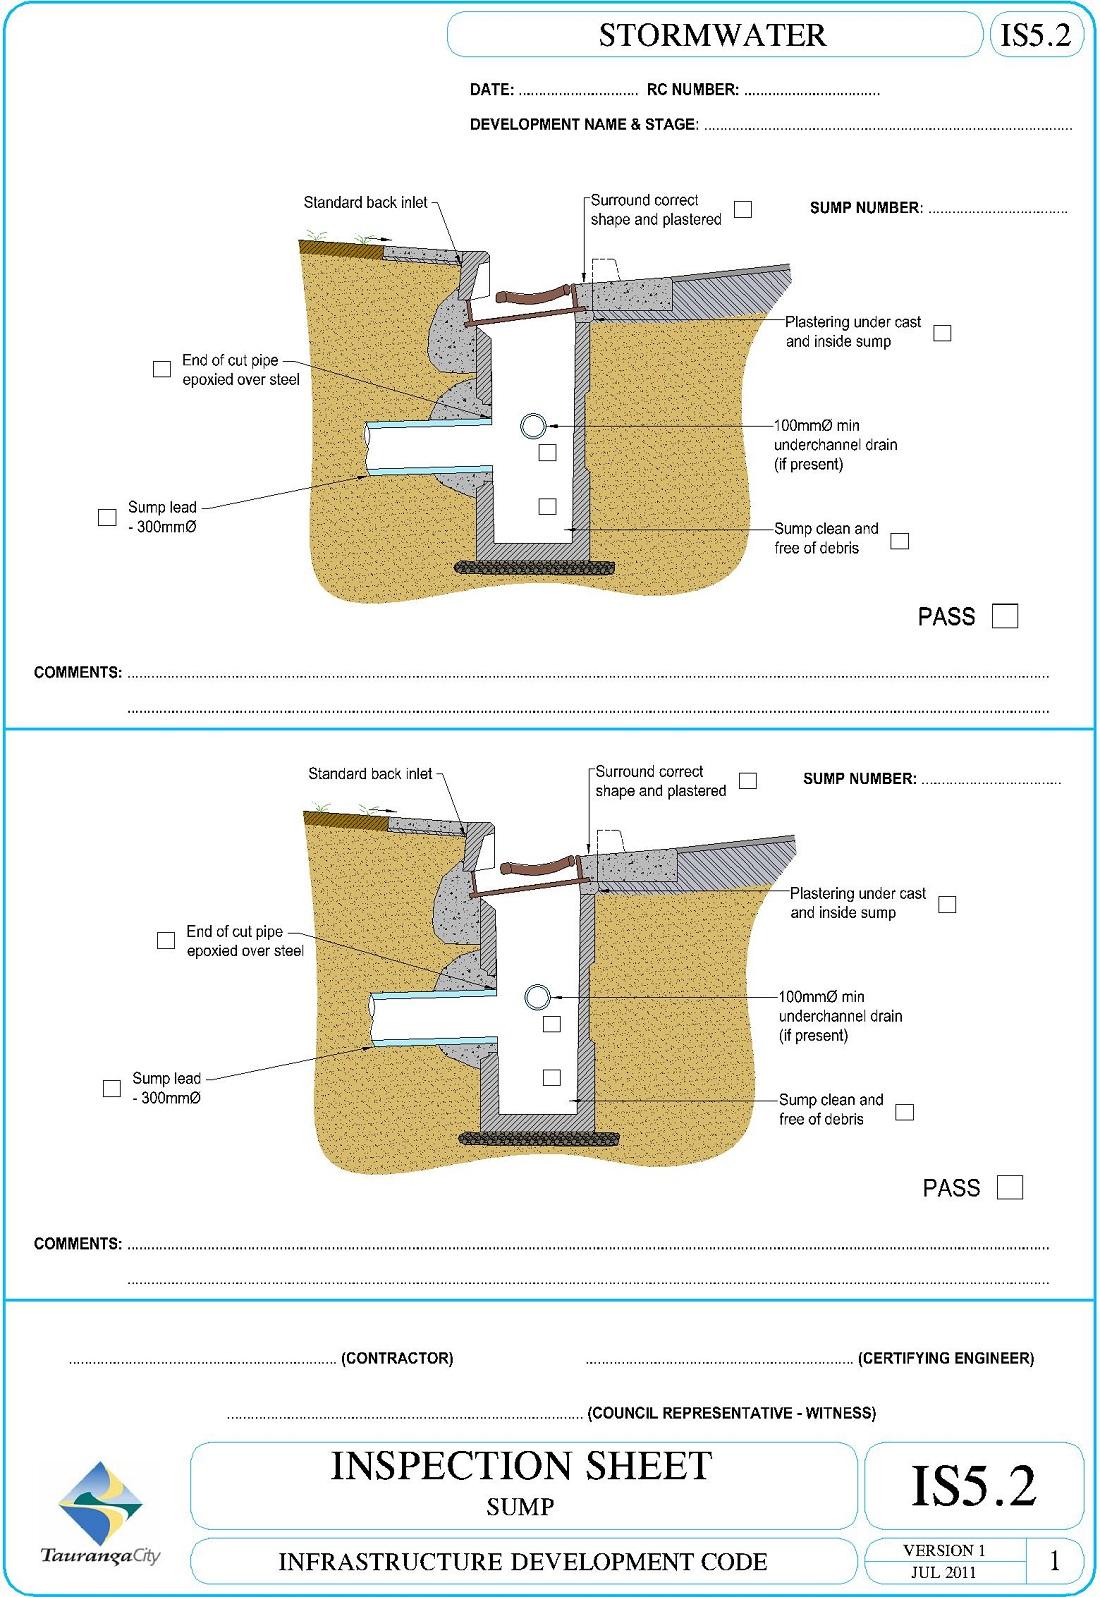 Inspection Sheet - Sump